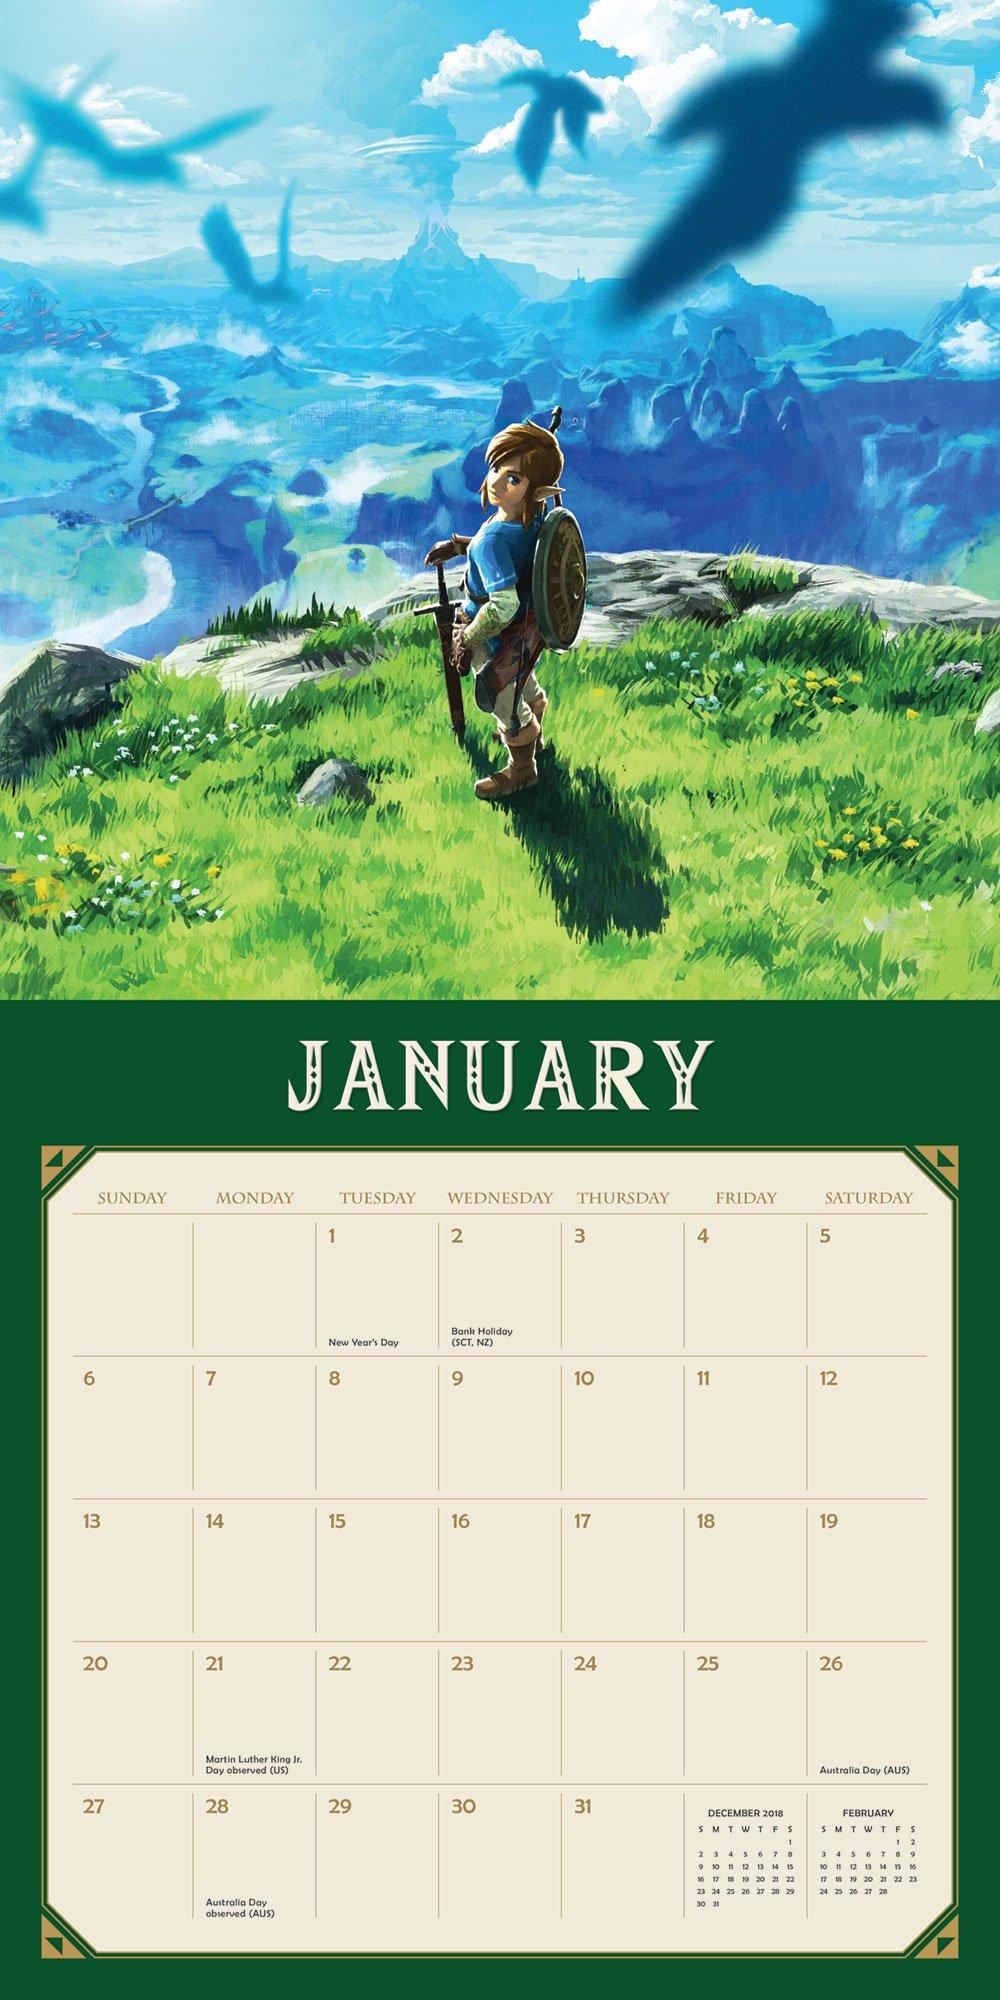 Legend of Zelda: Breath of the Wild 2019 Wall Calendar: Nintendo